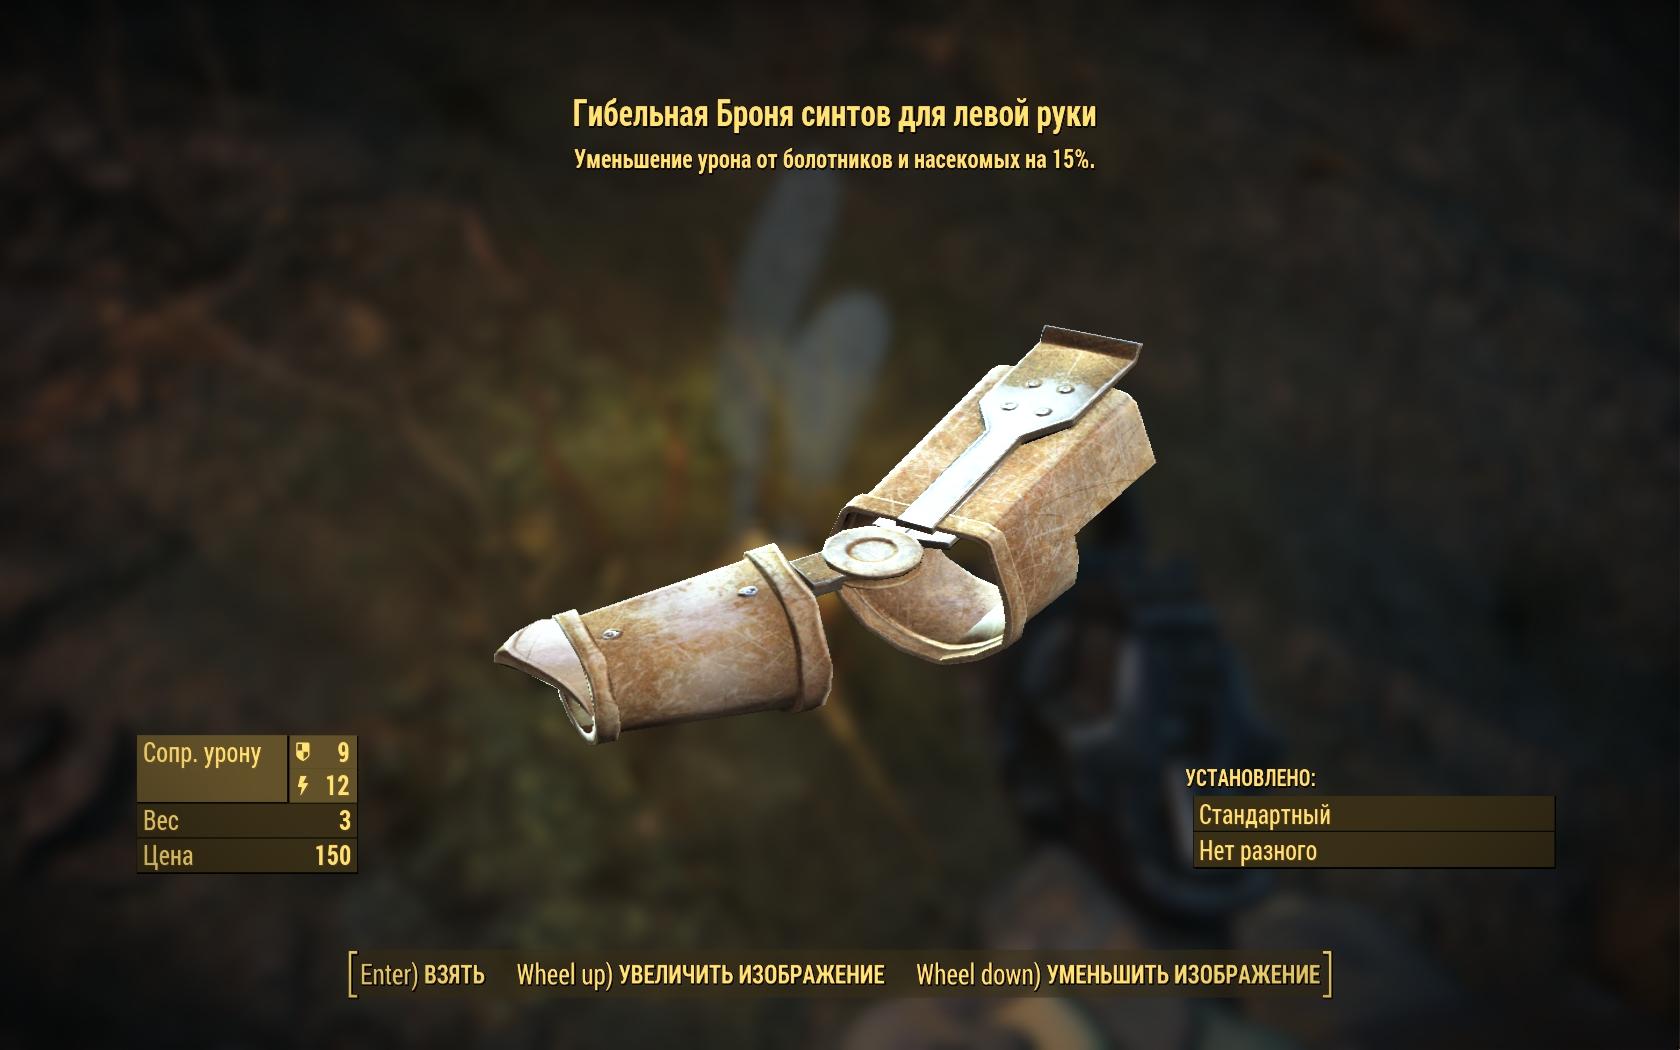 Гибельная броня синтов для левой руки - Fallout 4 броня, Одежда